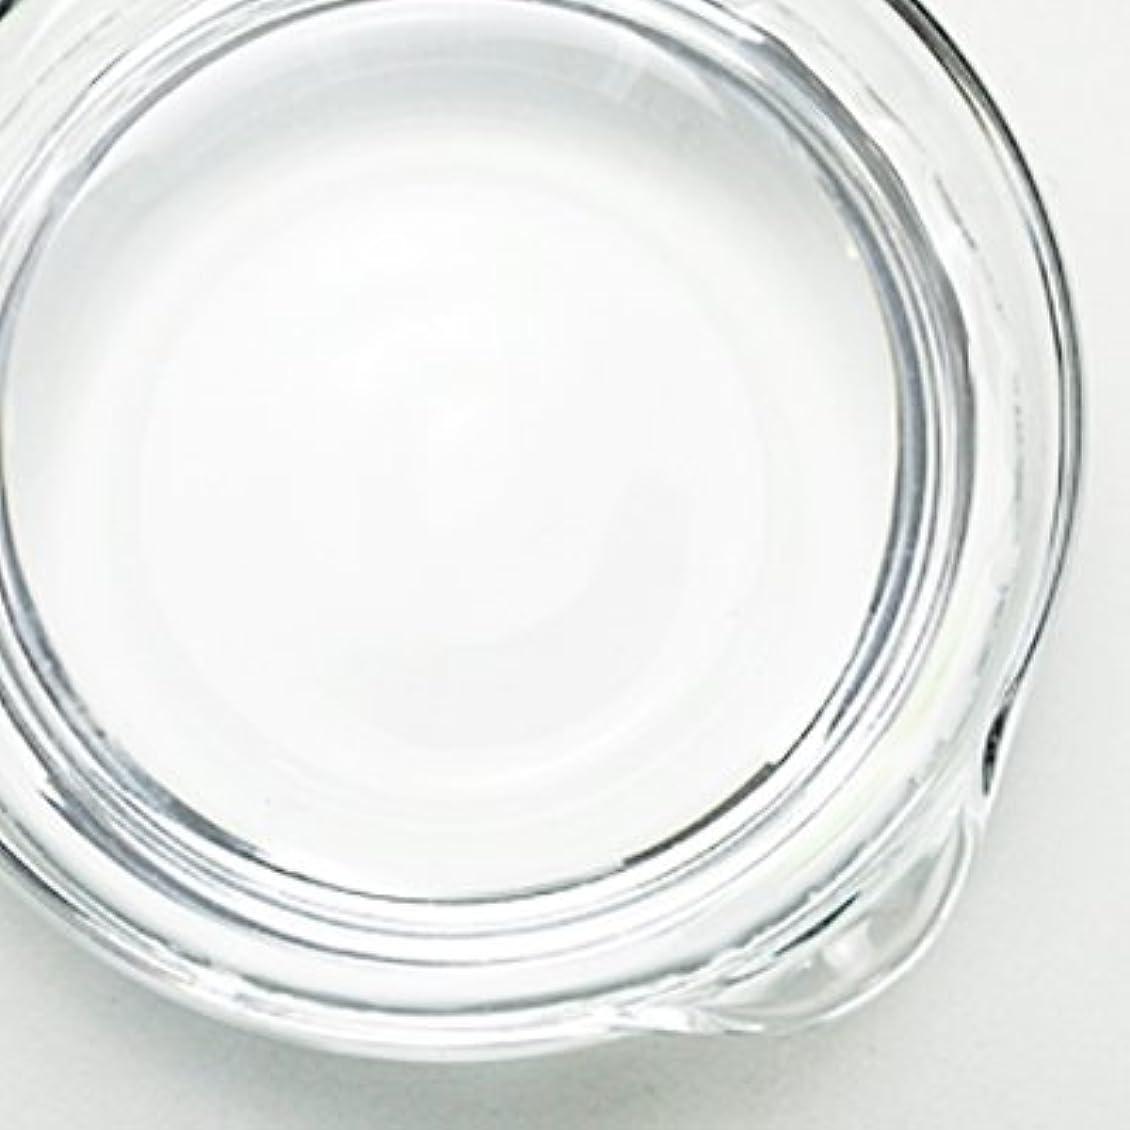 エンティティタイピスト作物1,3-ブチレングリコール[BG] 100ml 【手作り石鹸/手作りコスメ】